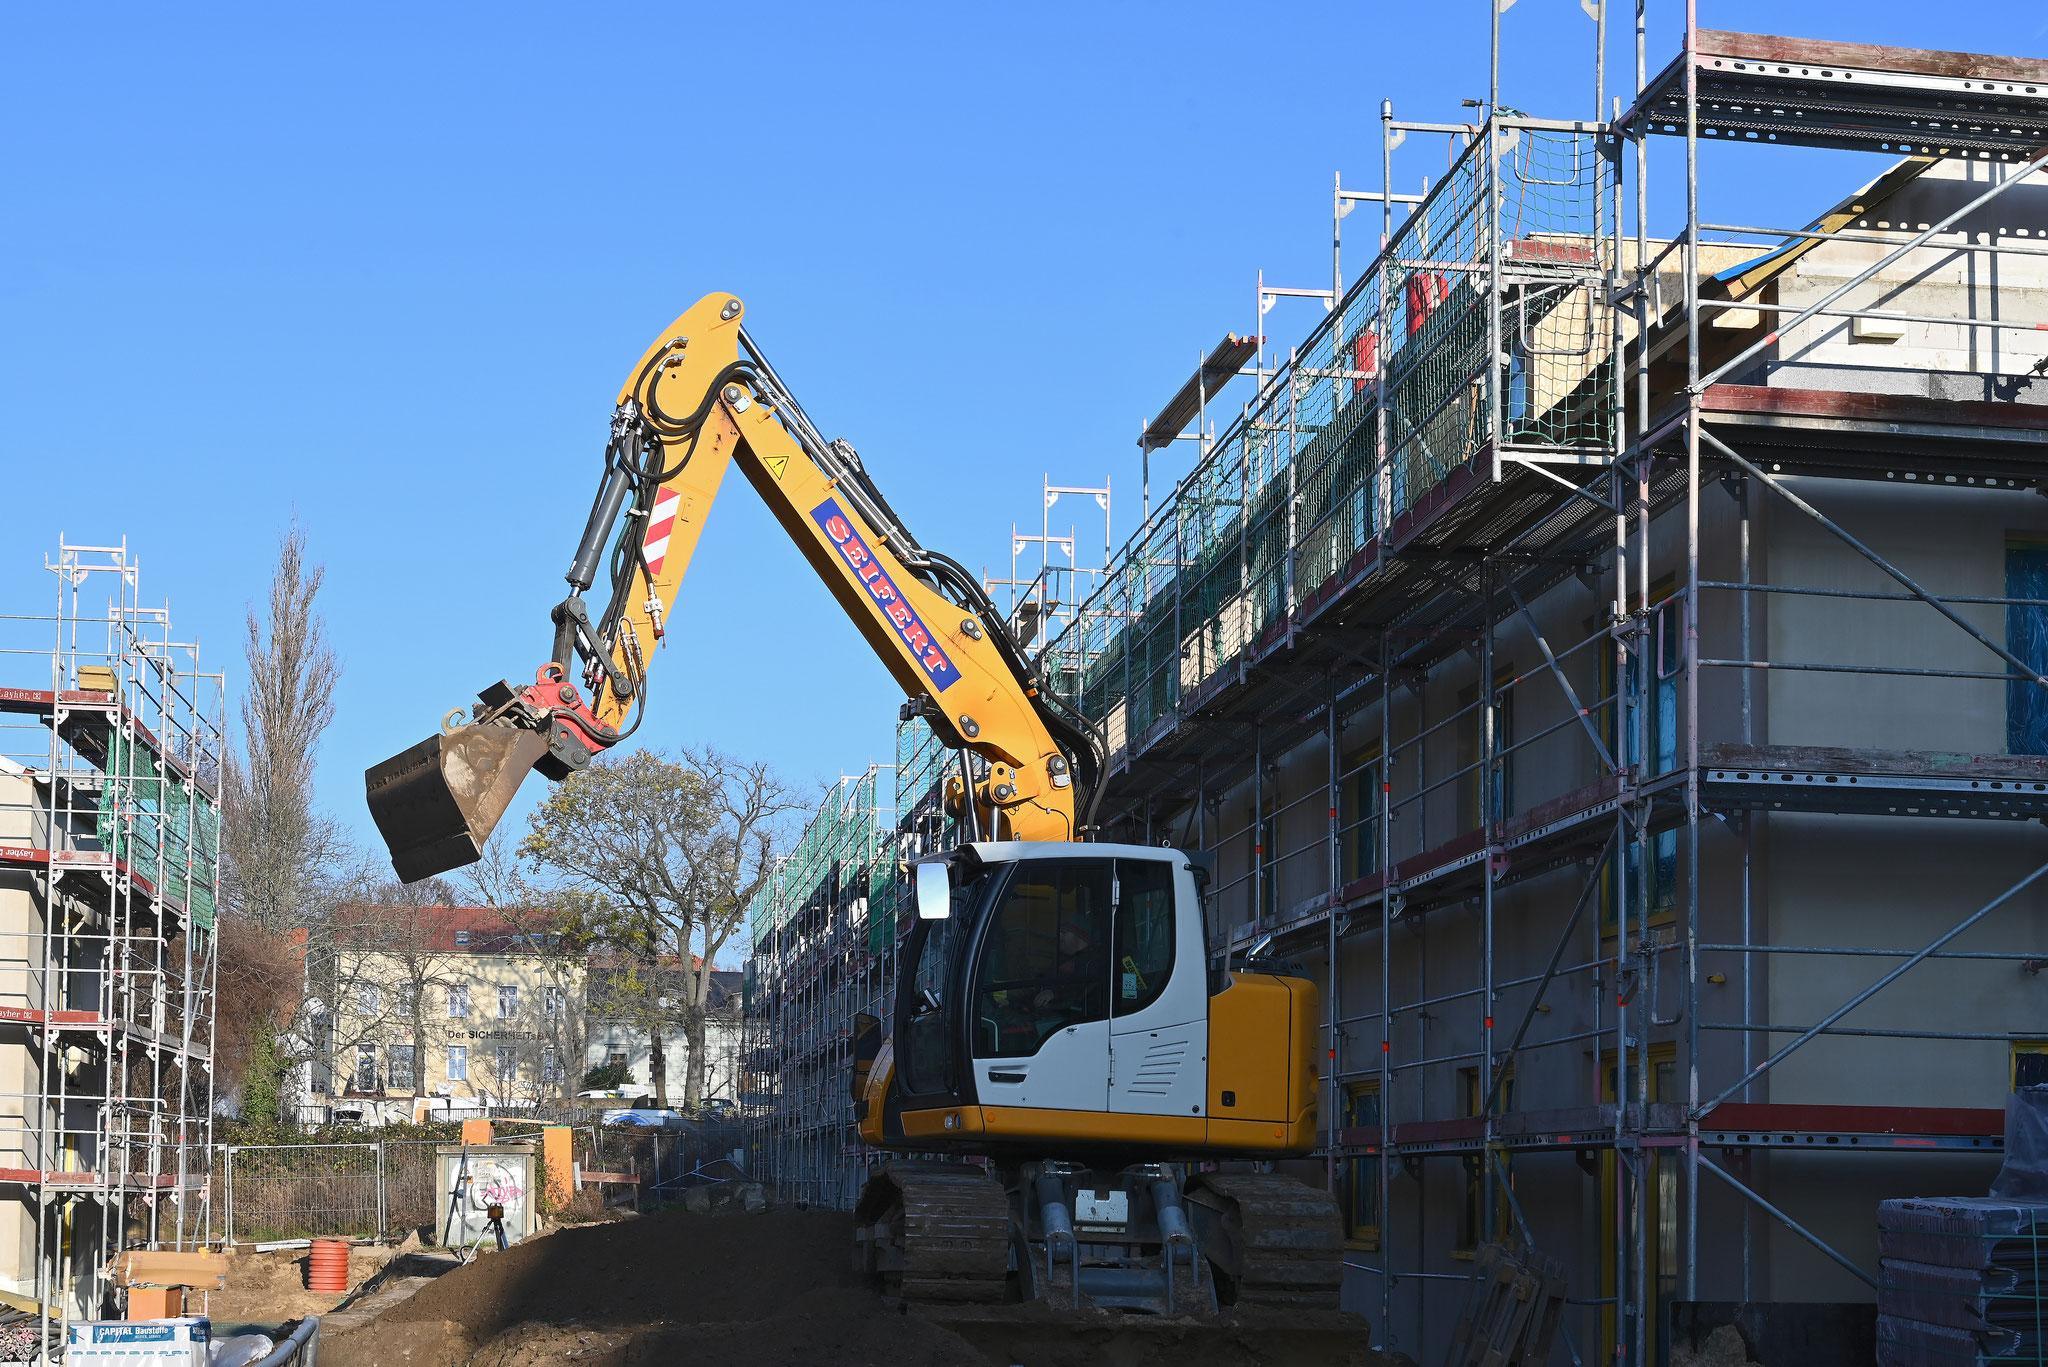 Bis Ende 2020 sollen die ersten 380 Wohnungen bezugsfertig sein. © STADT UND LAND